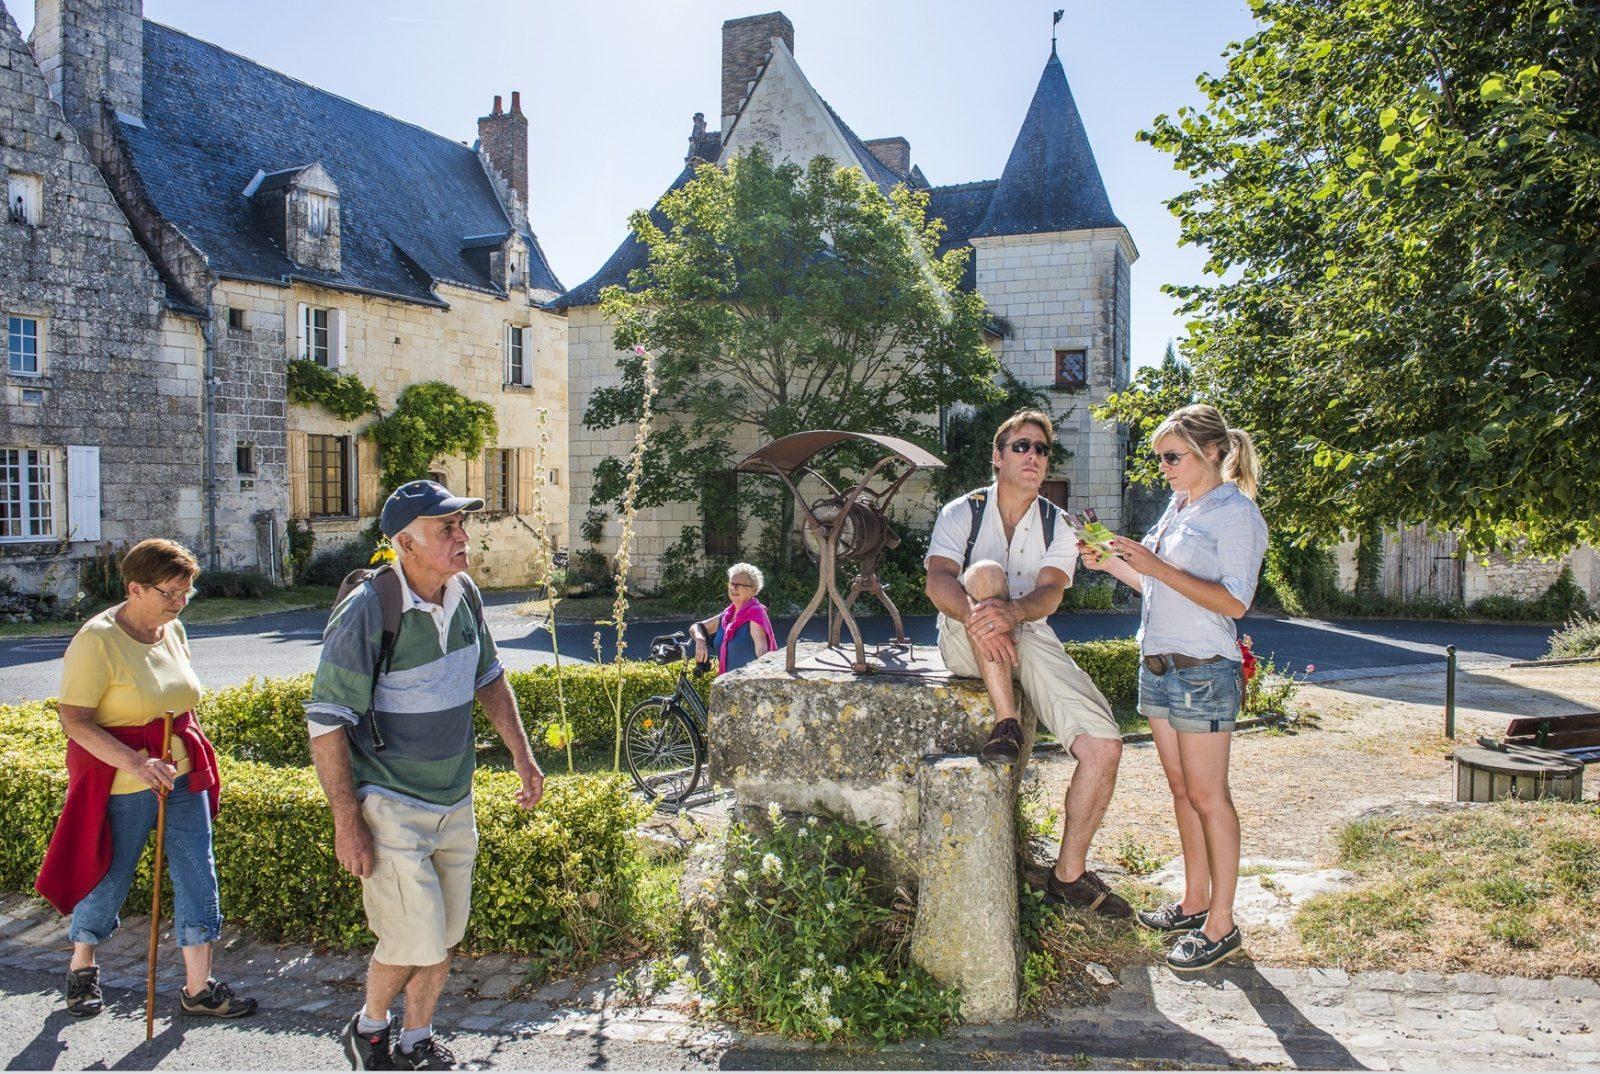 Boucle pédestre n°24. Crissay-sur-Manse, Avon-les-Roches,Tranchelion-1